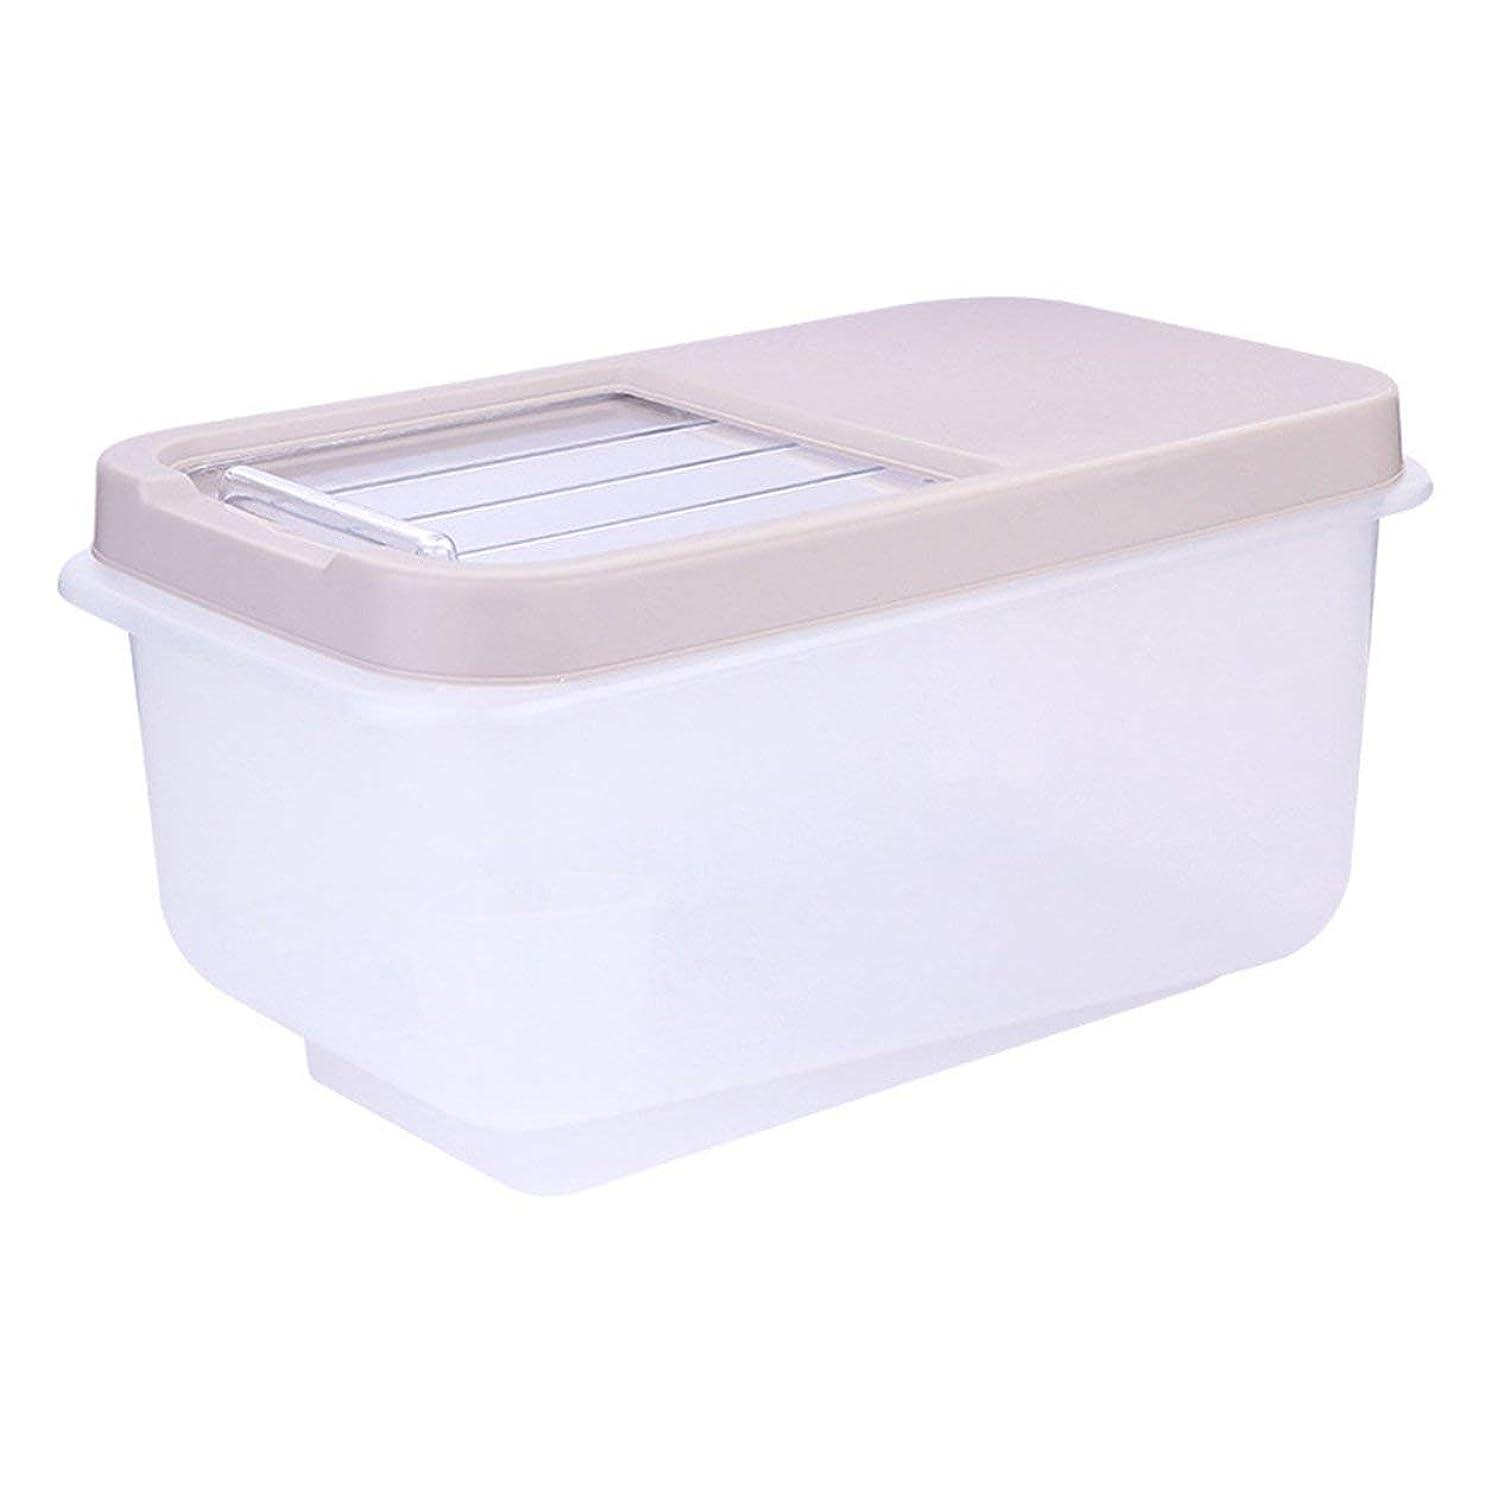 労苦再集計やむを得ないSaikogoods 家庭の使用キッチンストレージオーガナイザーは 封印された食品のストレージを乾燥ボックス防湿ライスビン豆穀物コンテナオーガナイザー アプリコット